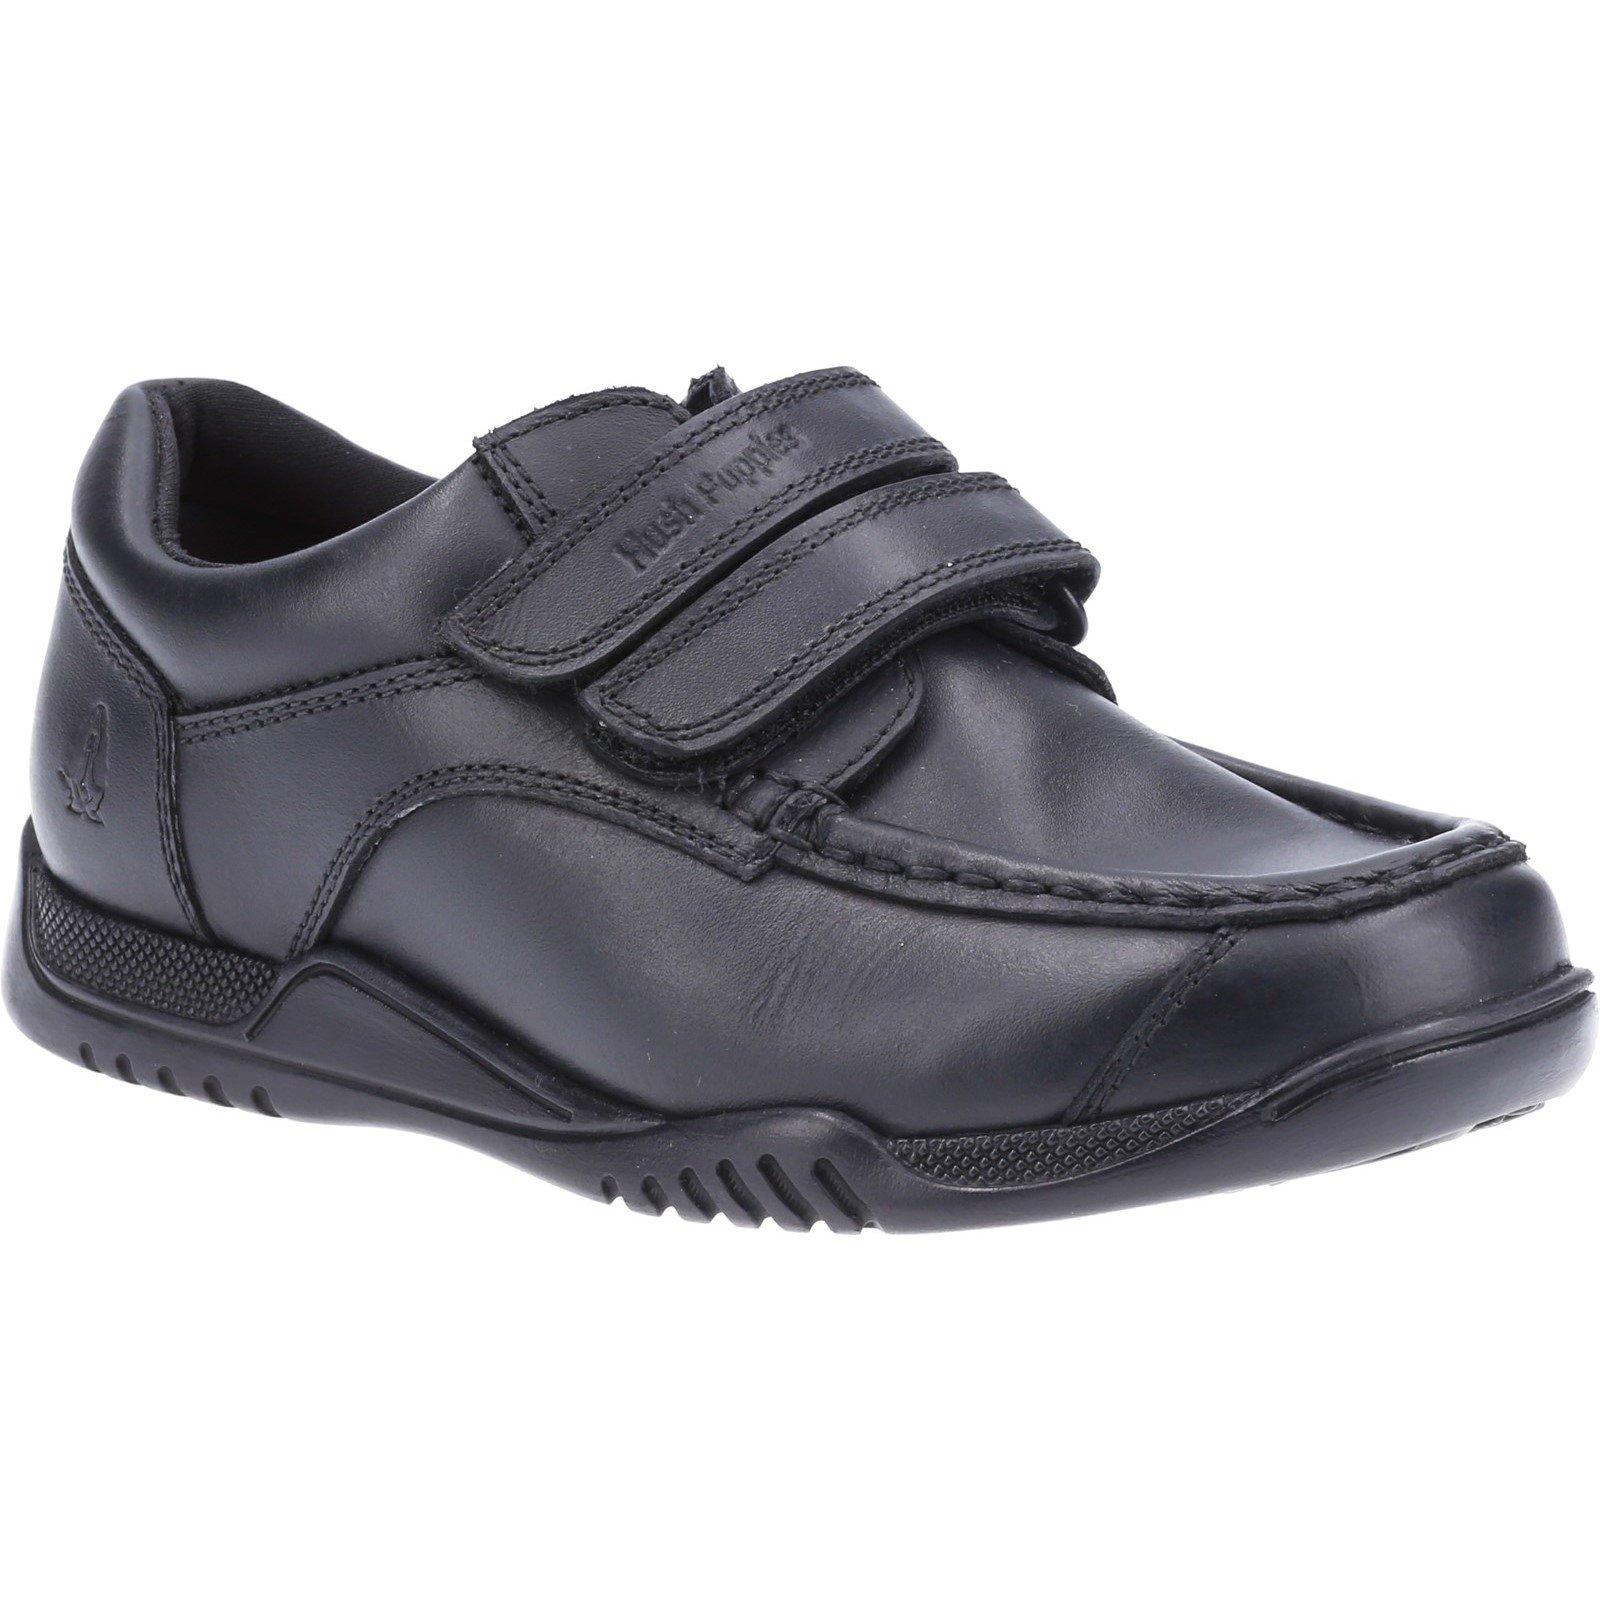 Hush Puppies Kid's Hayden Senior School Shoe Black 32733 - Black 3